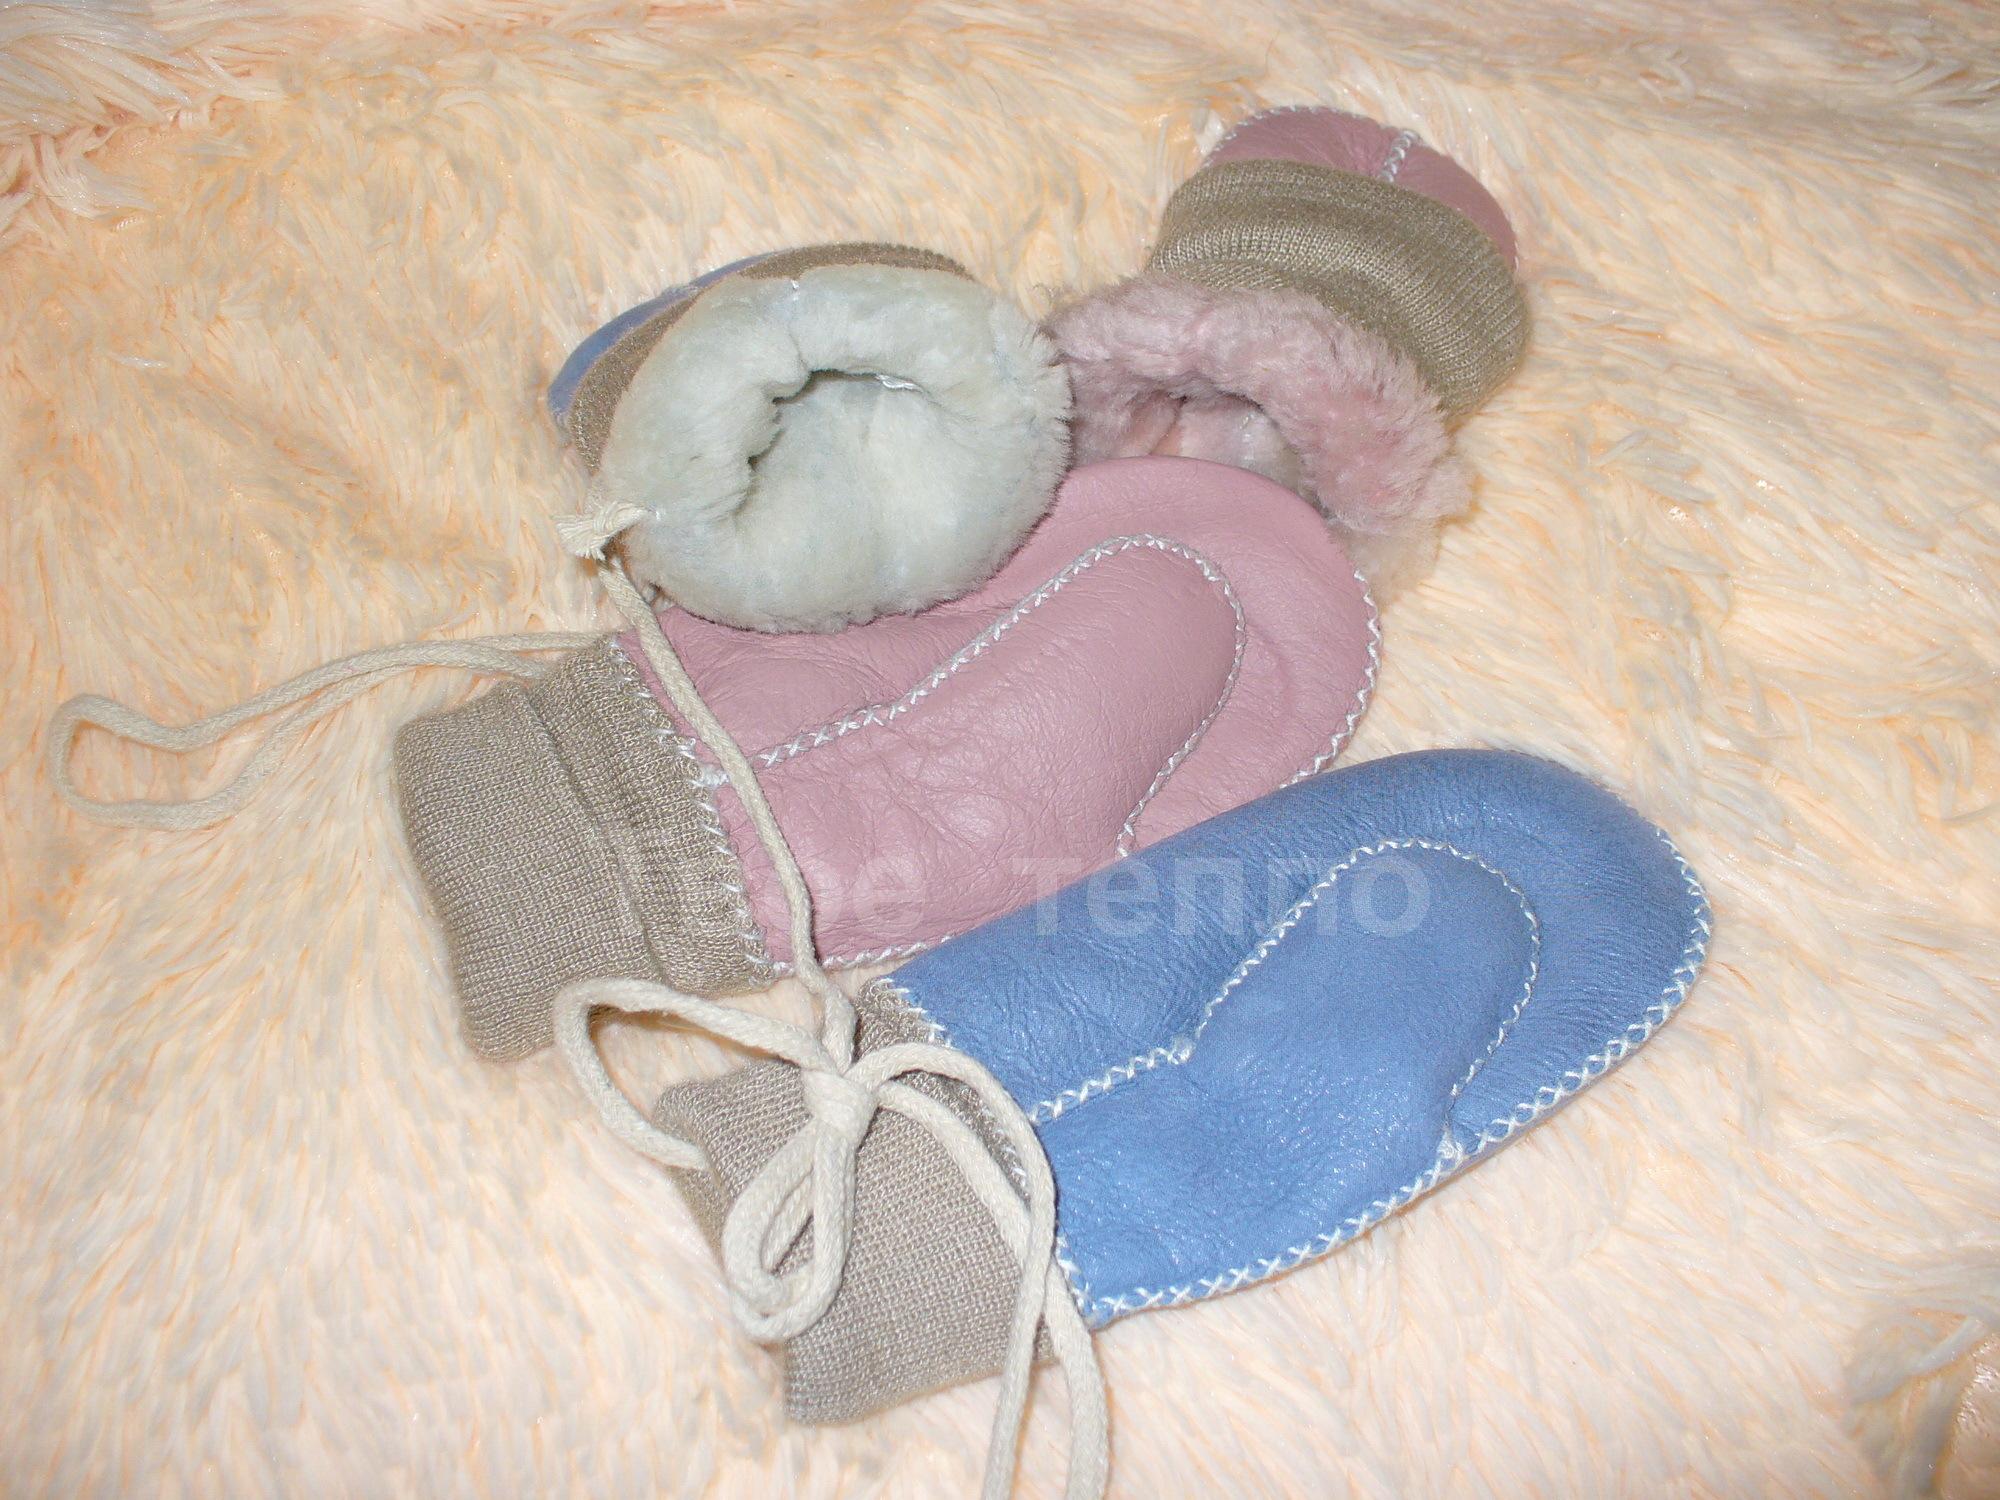 Детские варежки из овчины с манжетой и шнурком